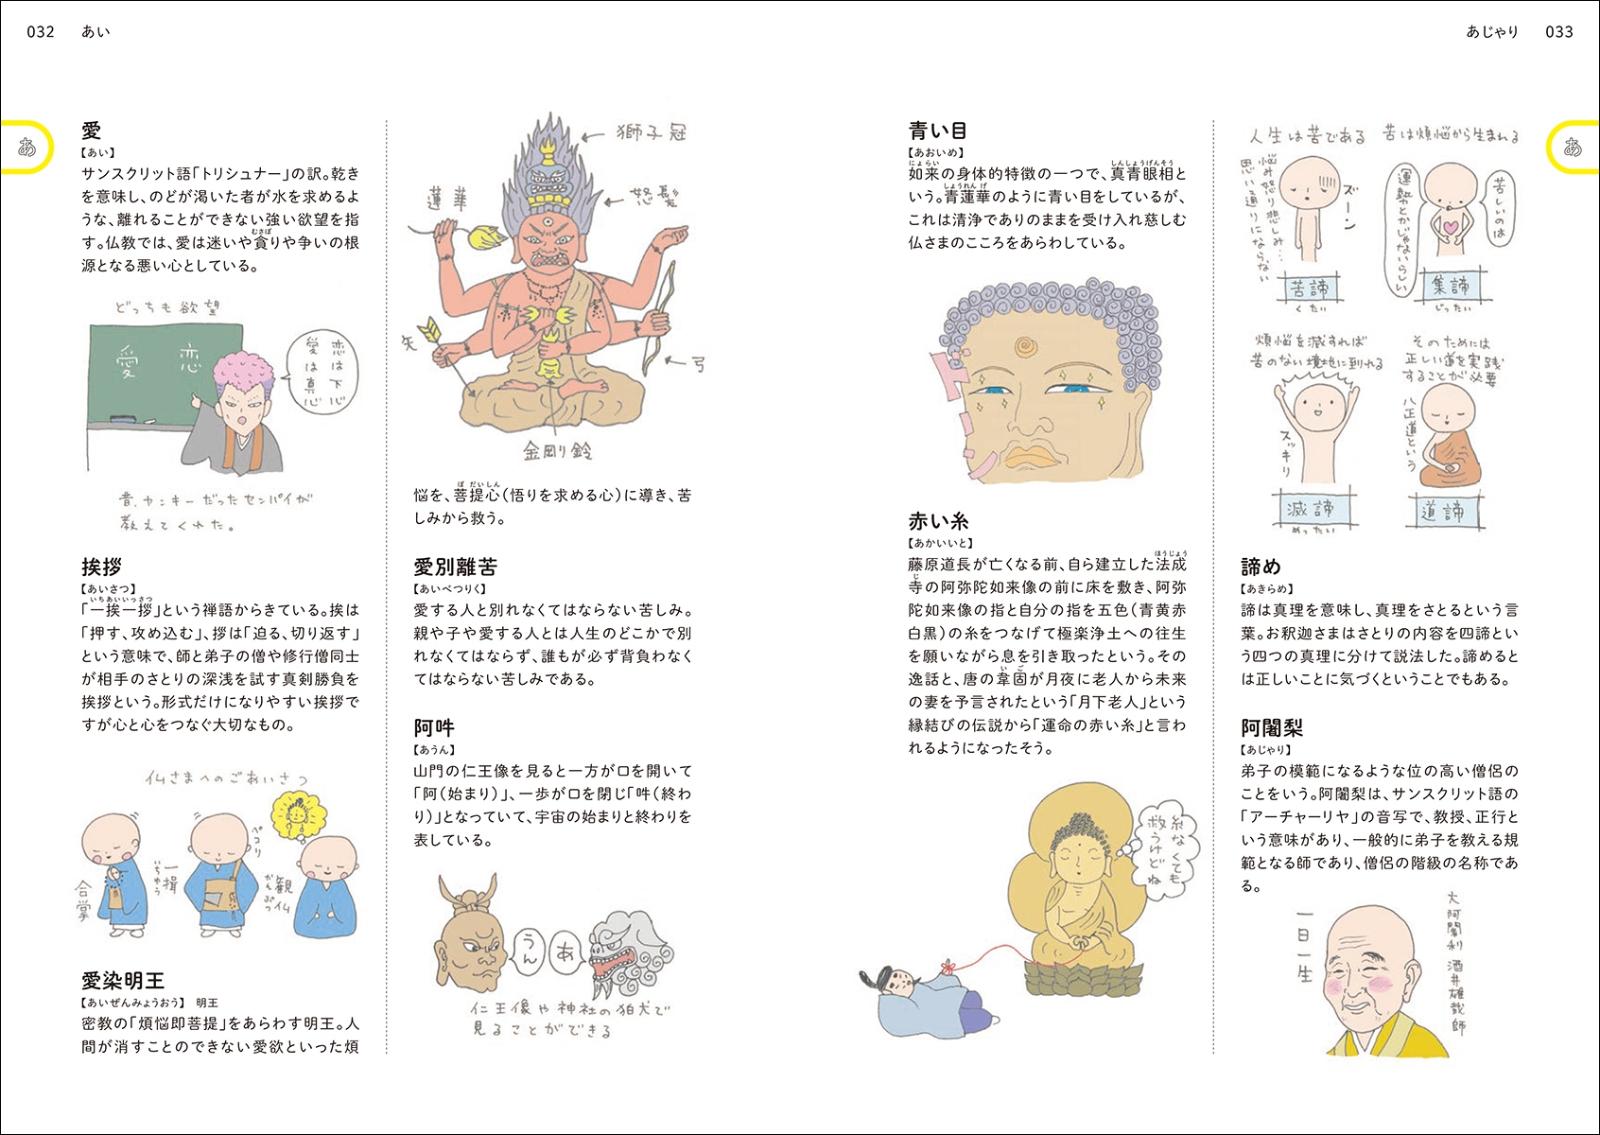 楽天ブックス: 気になる仏教語辞典 - 仏教にまつわる用語を古今東西 ...